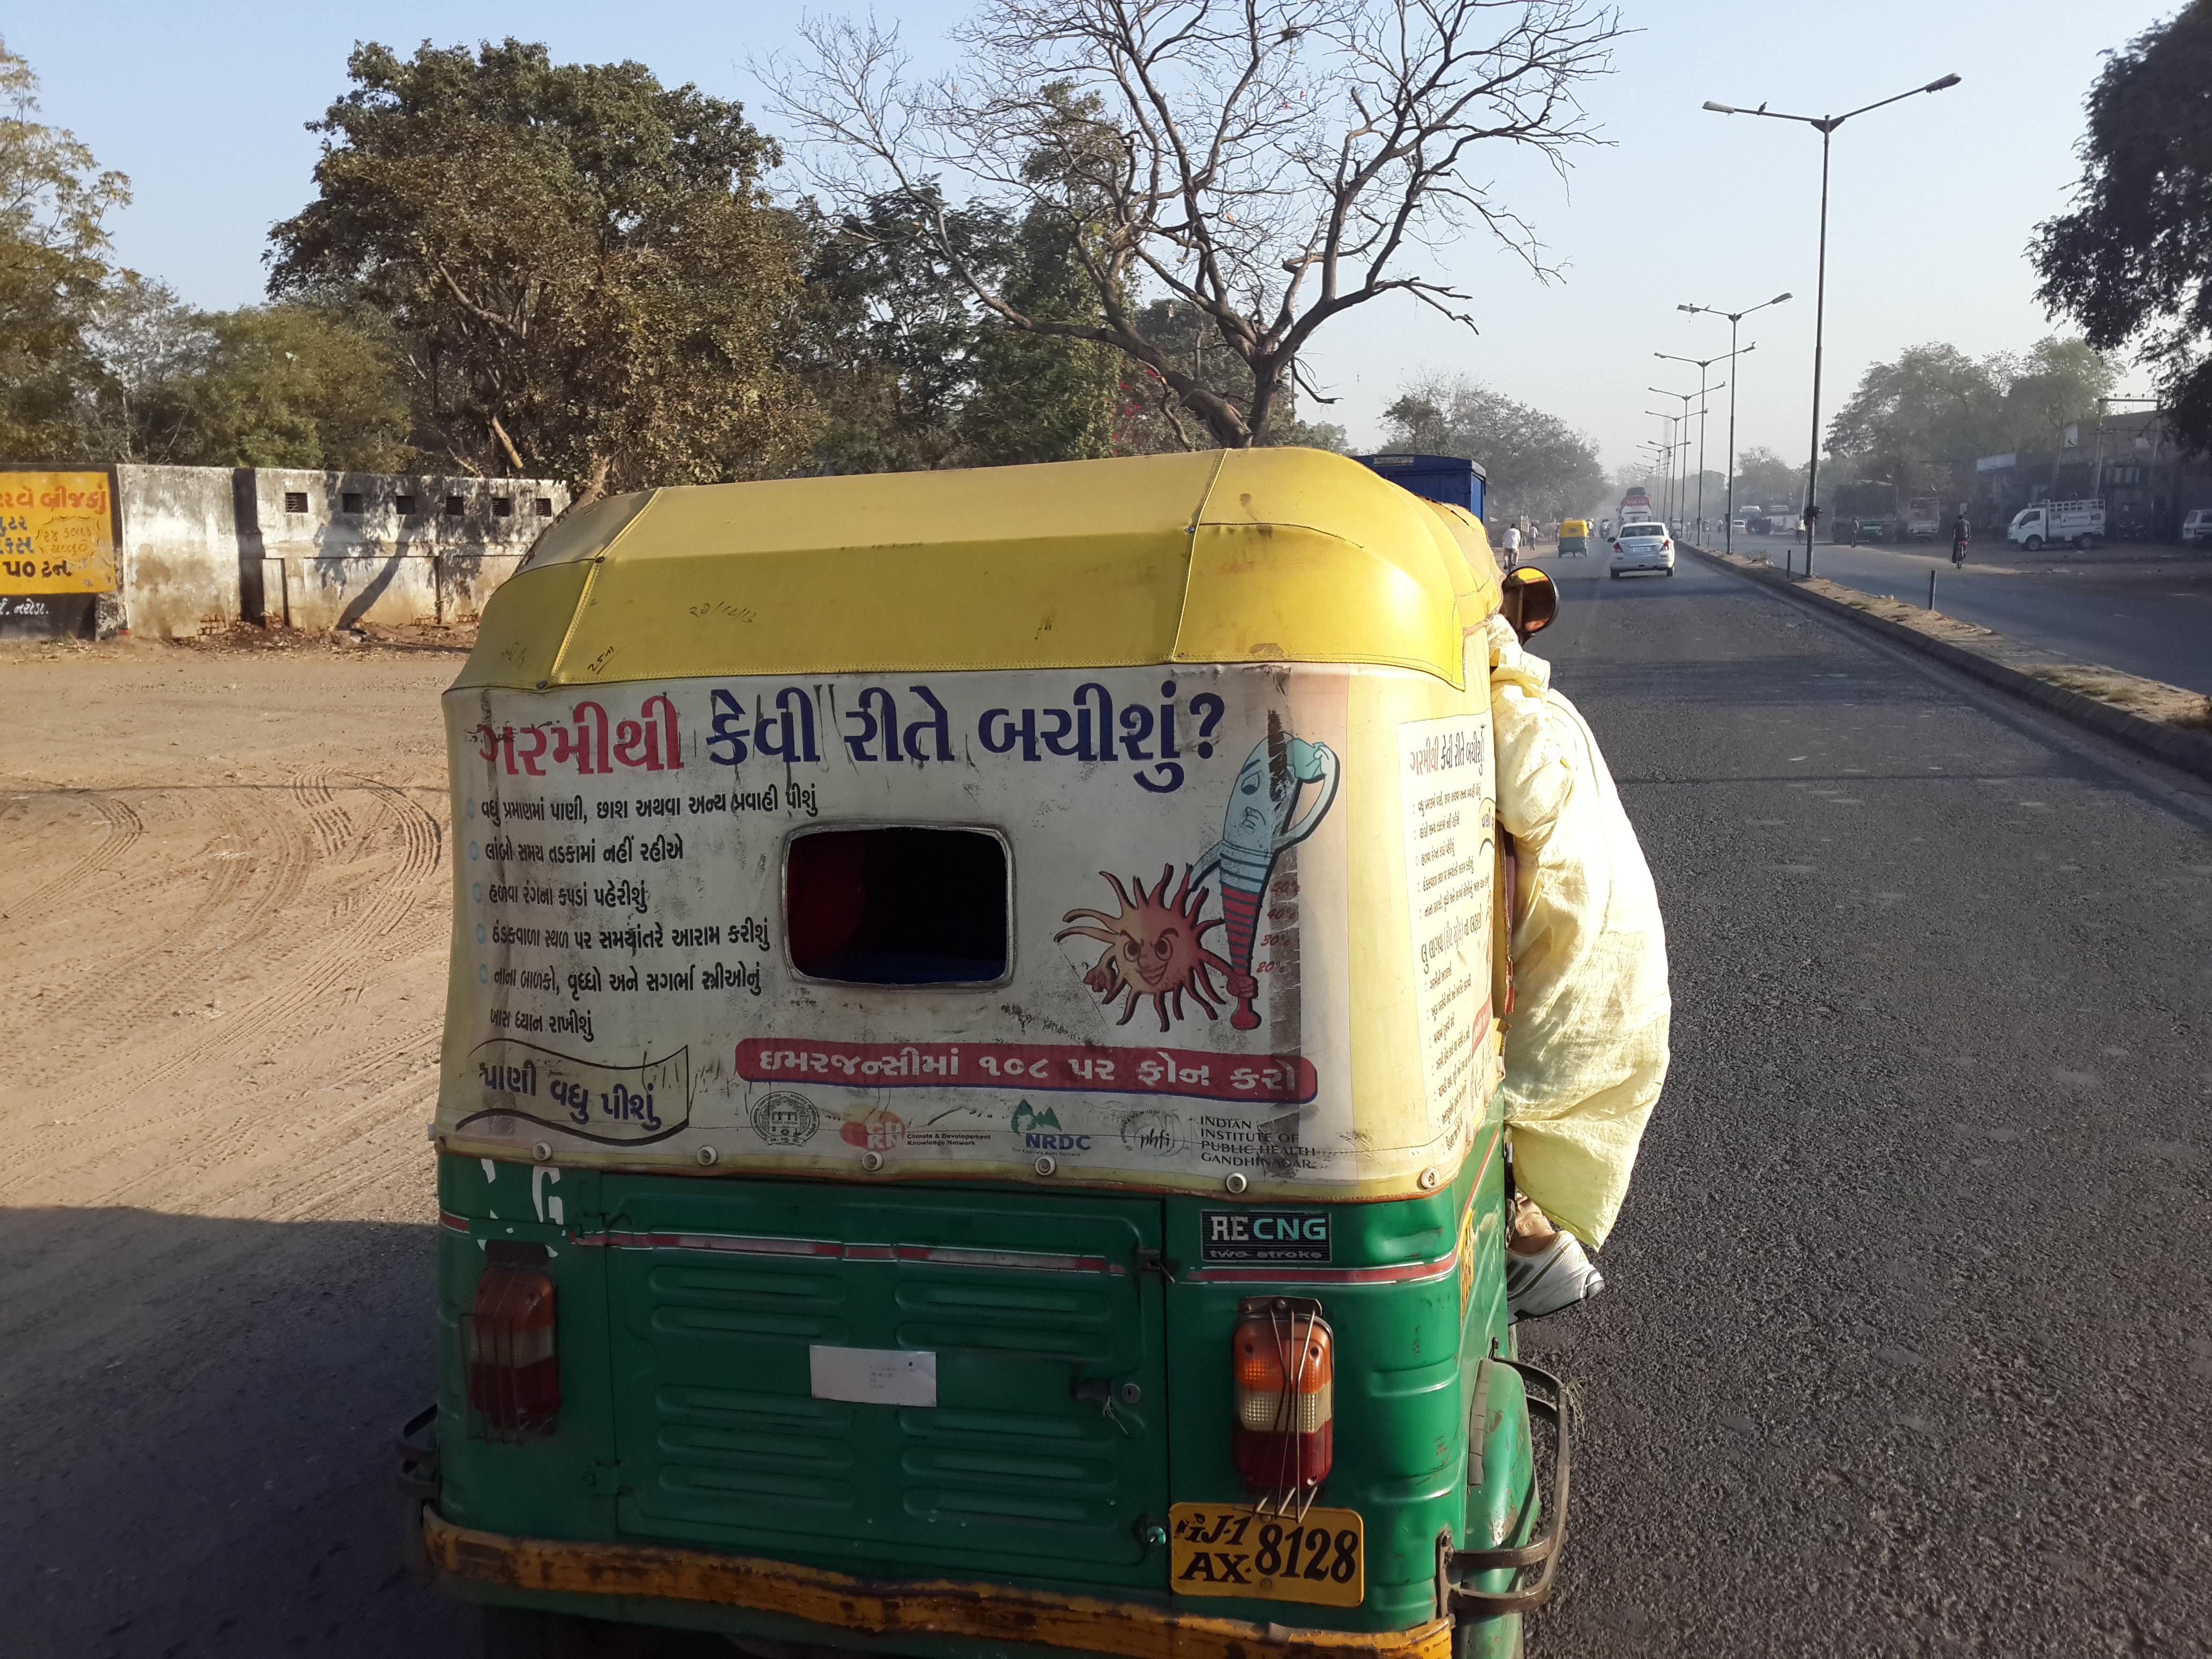 Ahmedabad_HAP Ad on AutoRickshaw